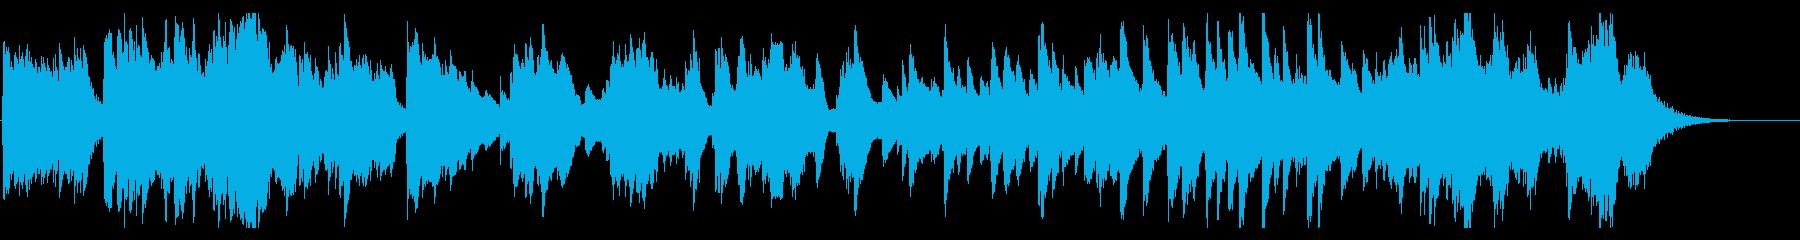 せつない、かなしい雰囲気のハープの曲の再生済みの波形